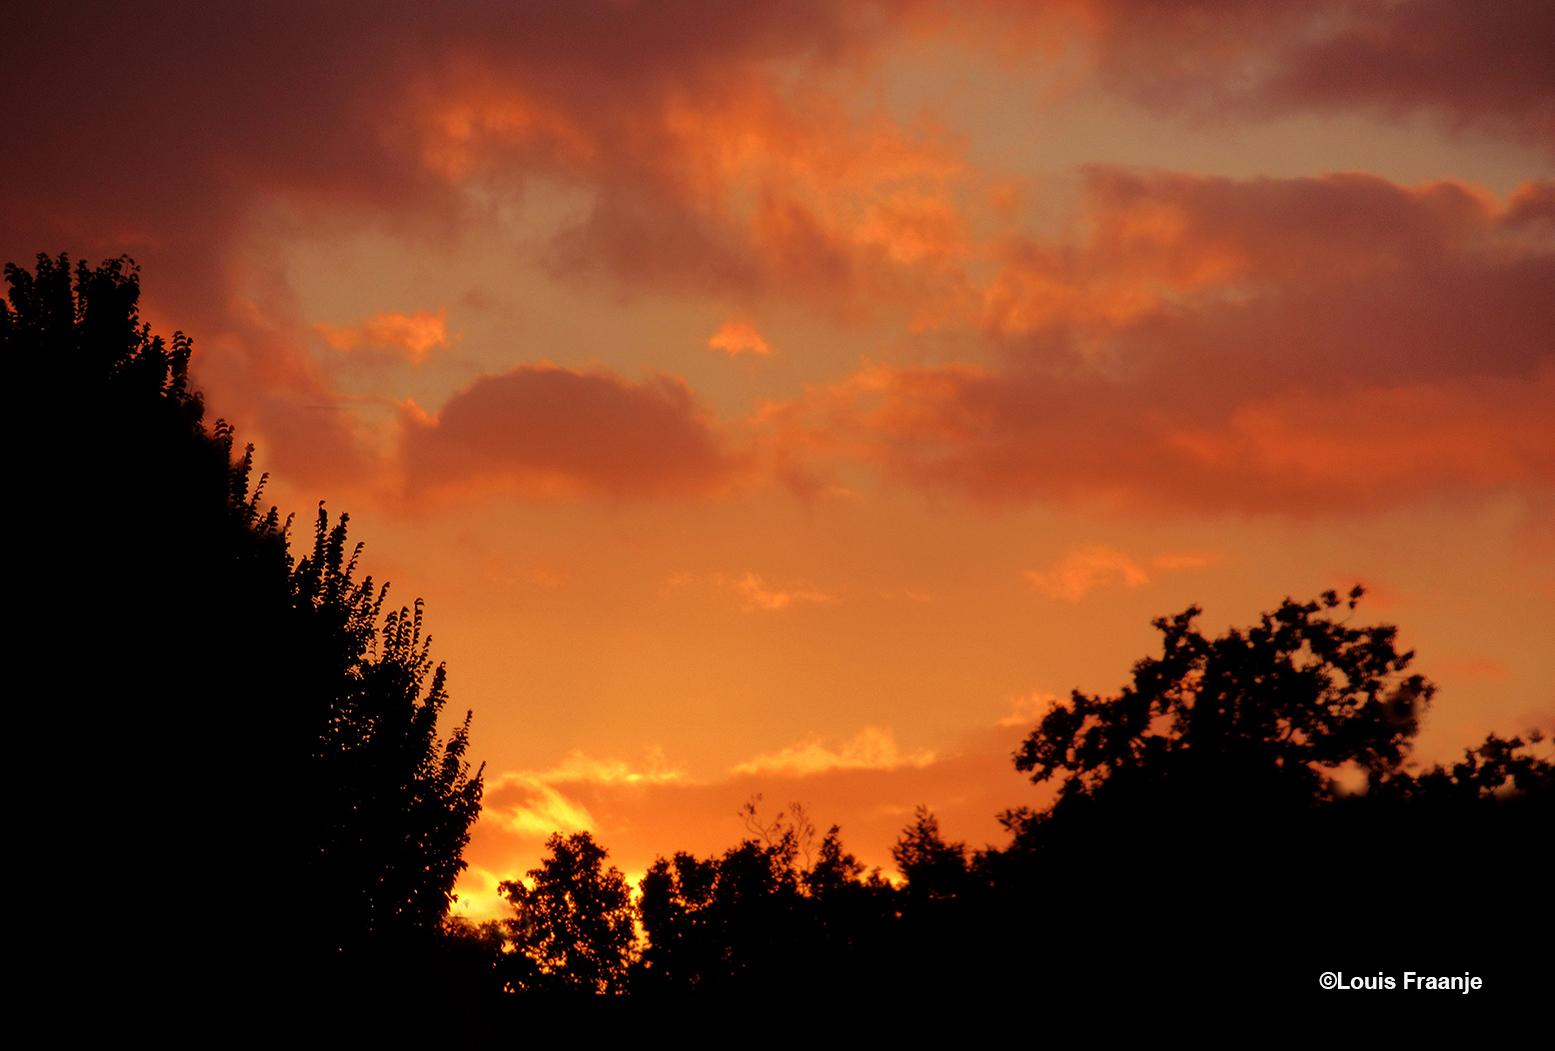 Na zonsondergang ontvouwde zich boven de boomtoppen een prachtig avondrood - Foto: ©Louis Fraanje